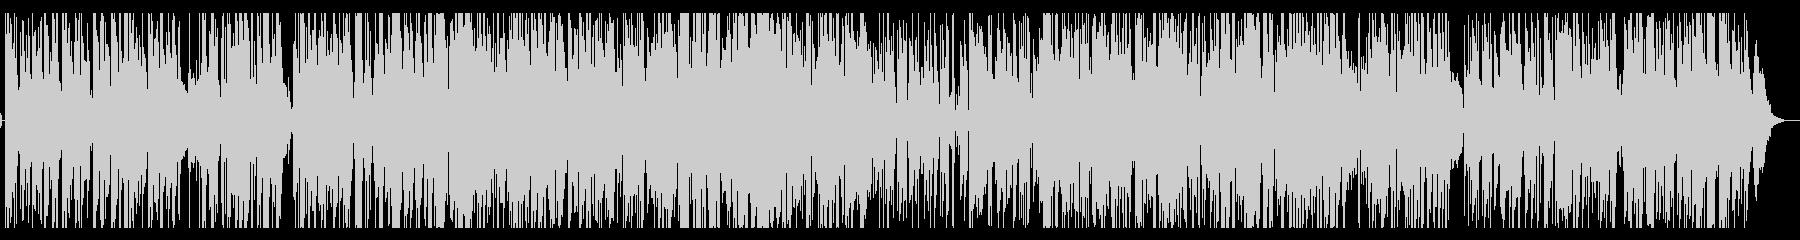 ジャズ・ギターの皇帝 風 スタンダードの未再生の波形